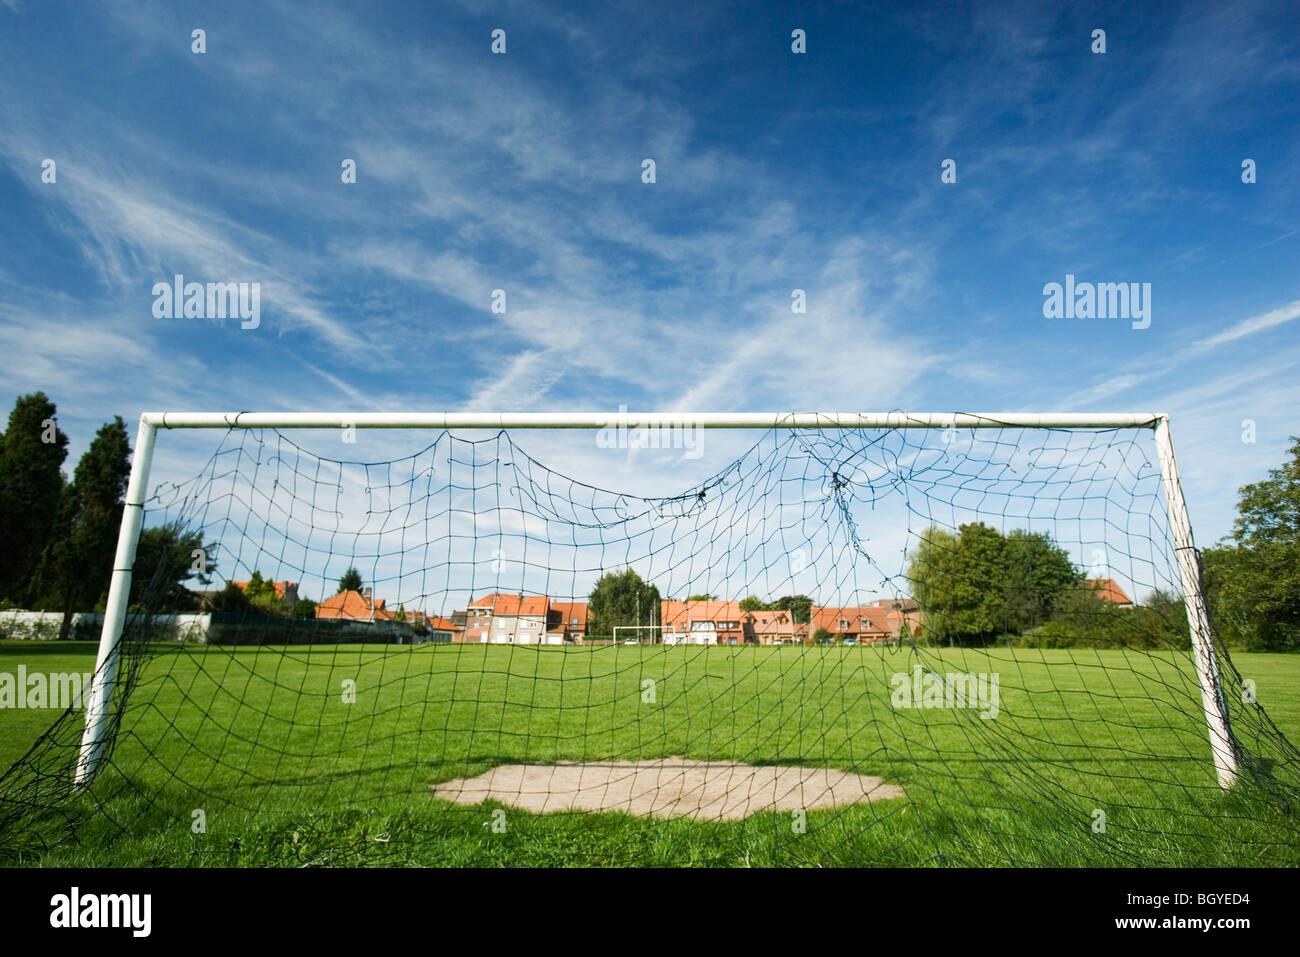 Soccer goal on soccer field - Stock Image